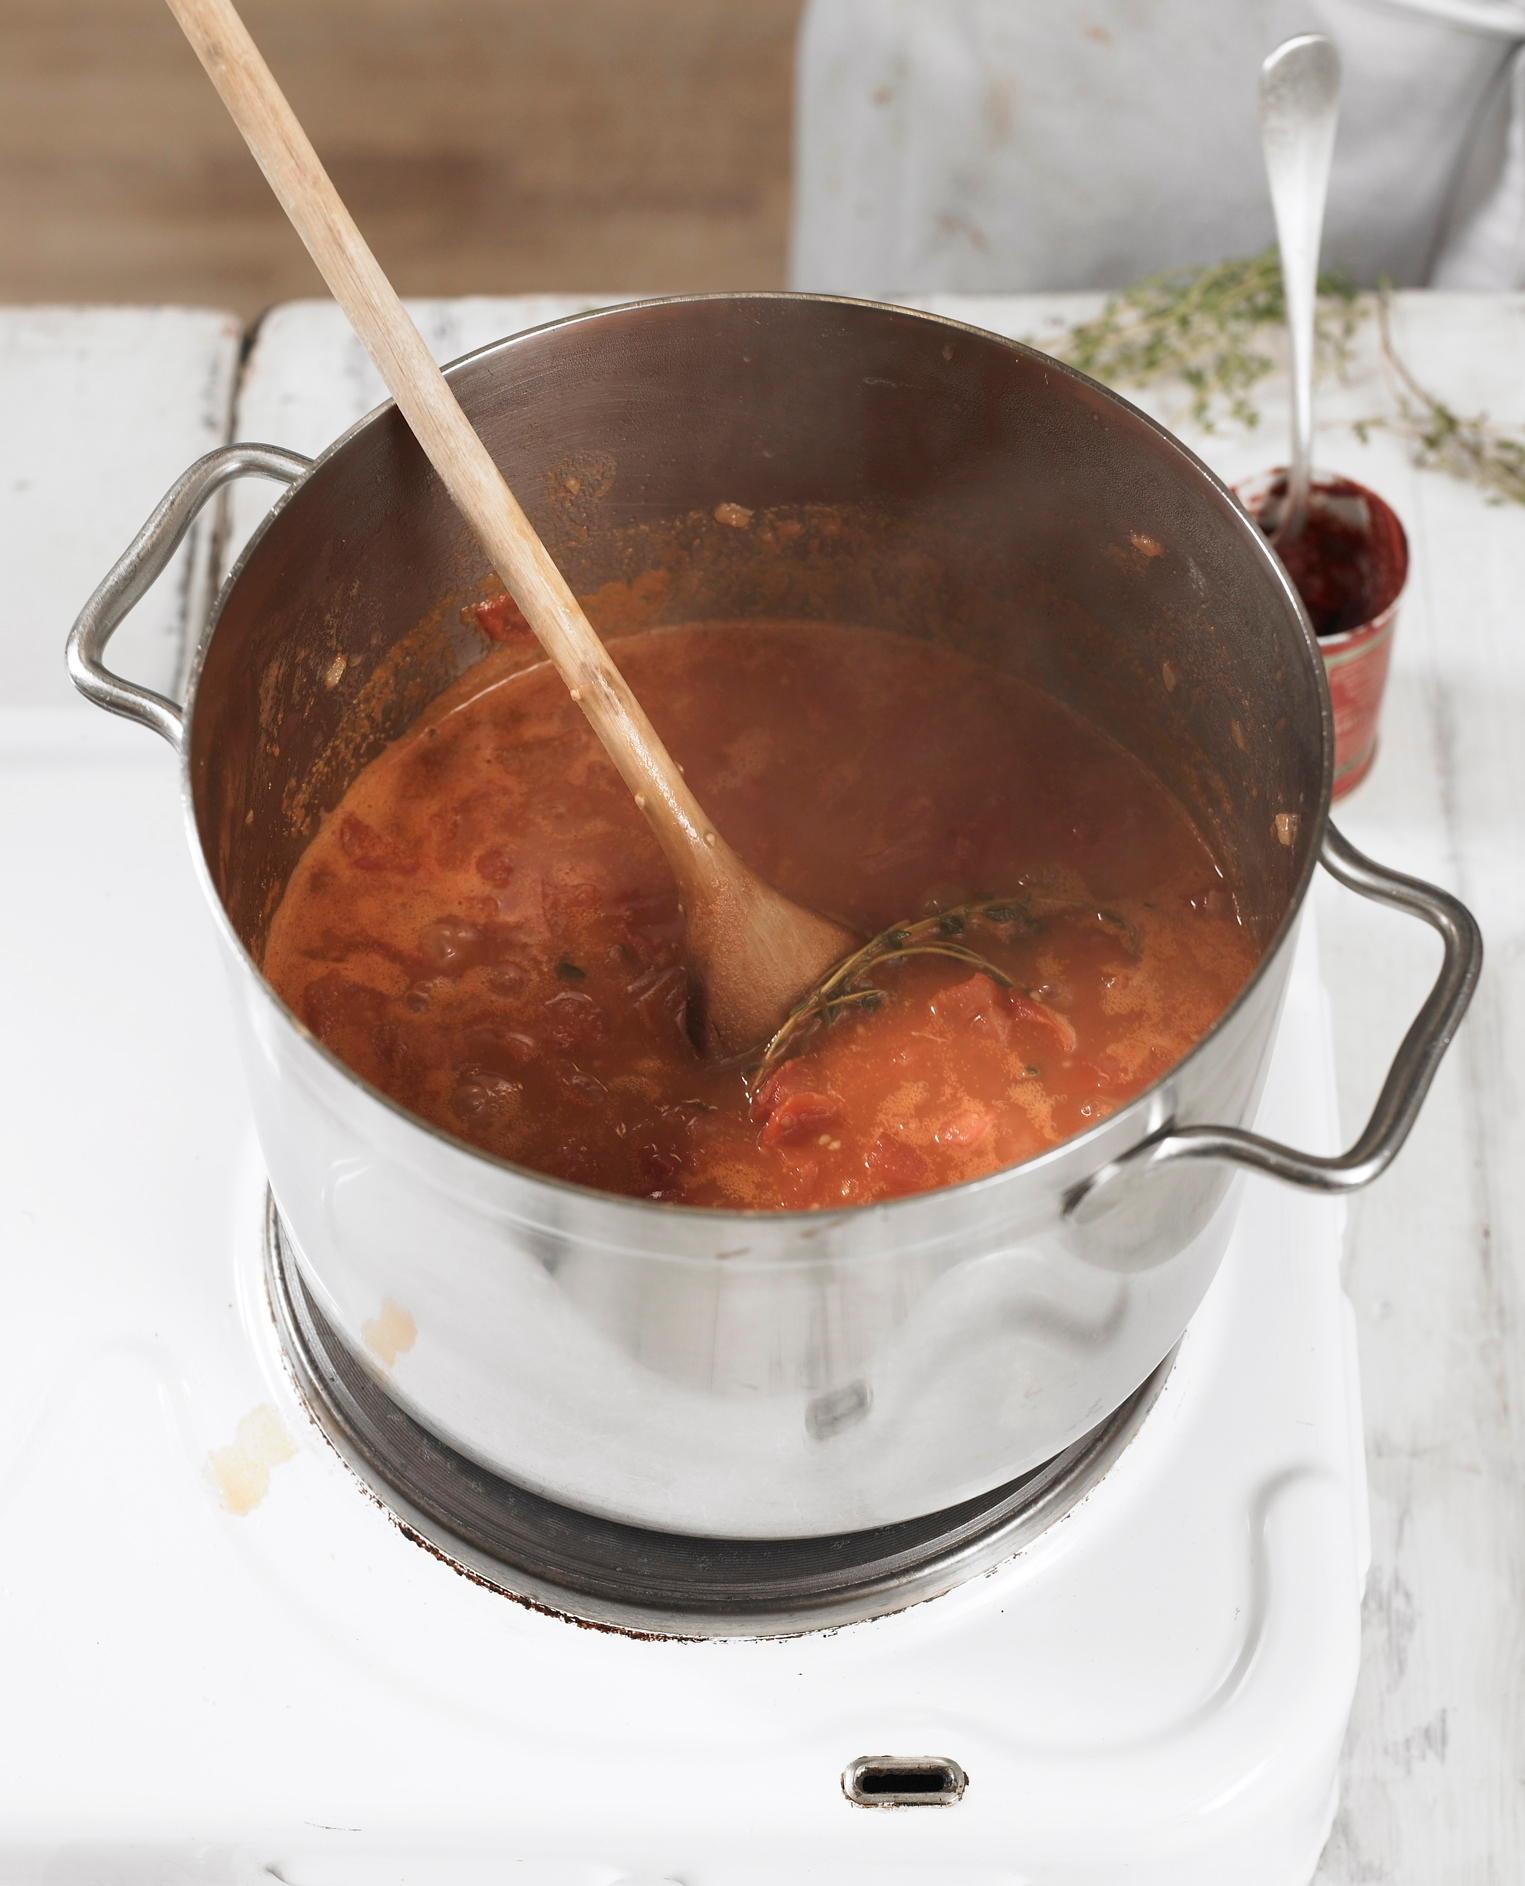 Tomatensuppe köcheln lassen